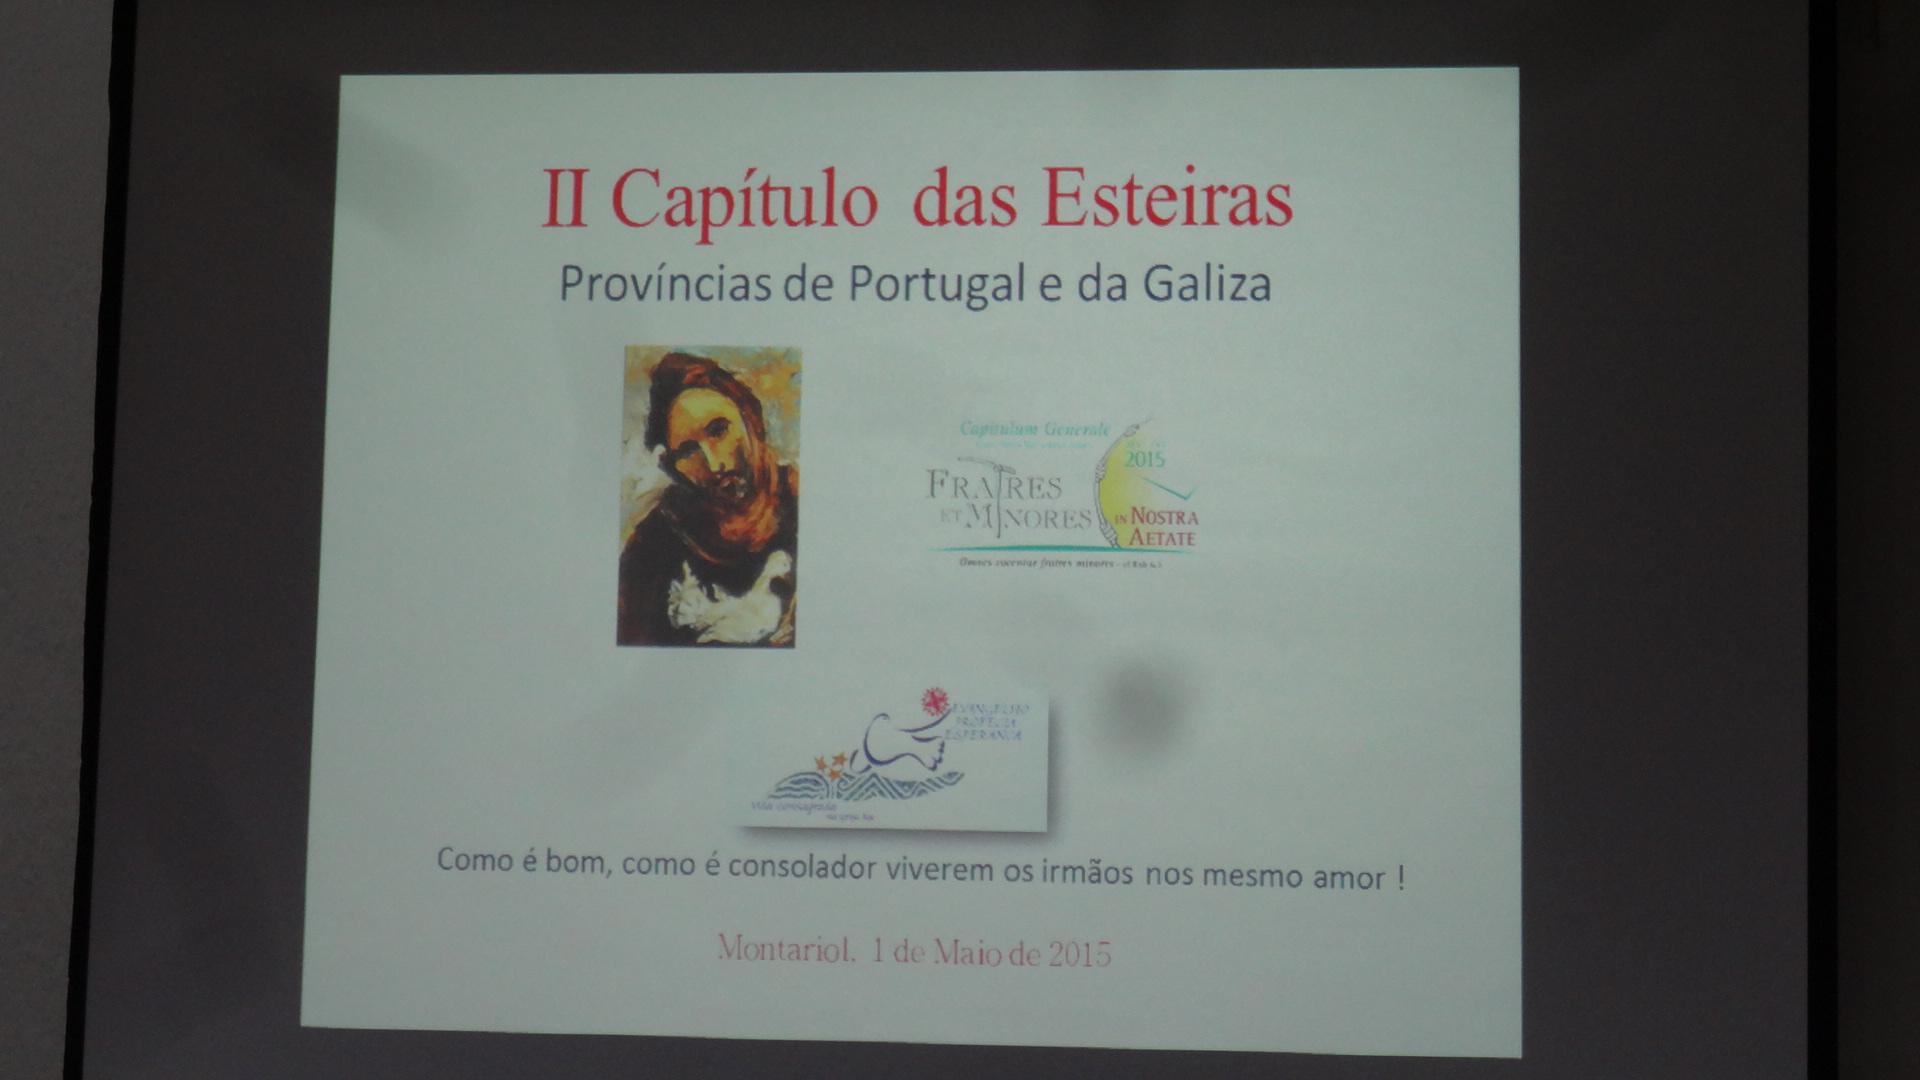 II CAPÍTULO DAS ESTEIRAS GALAICO-PORTUGUÊS OFM